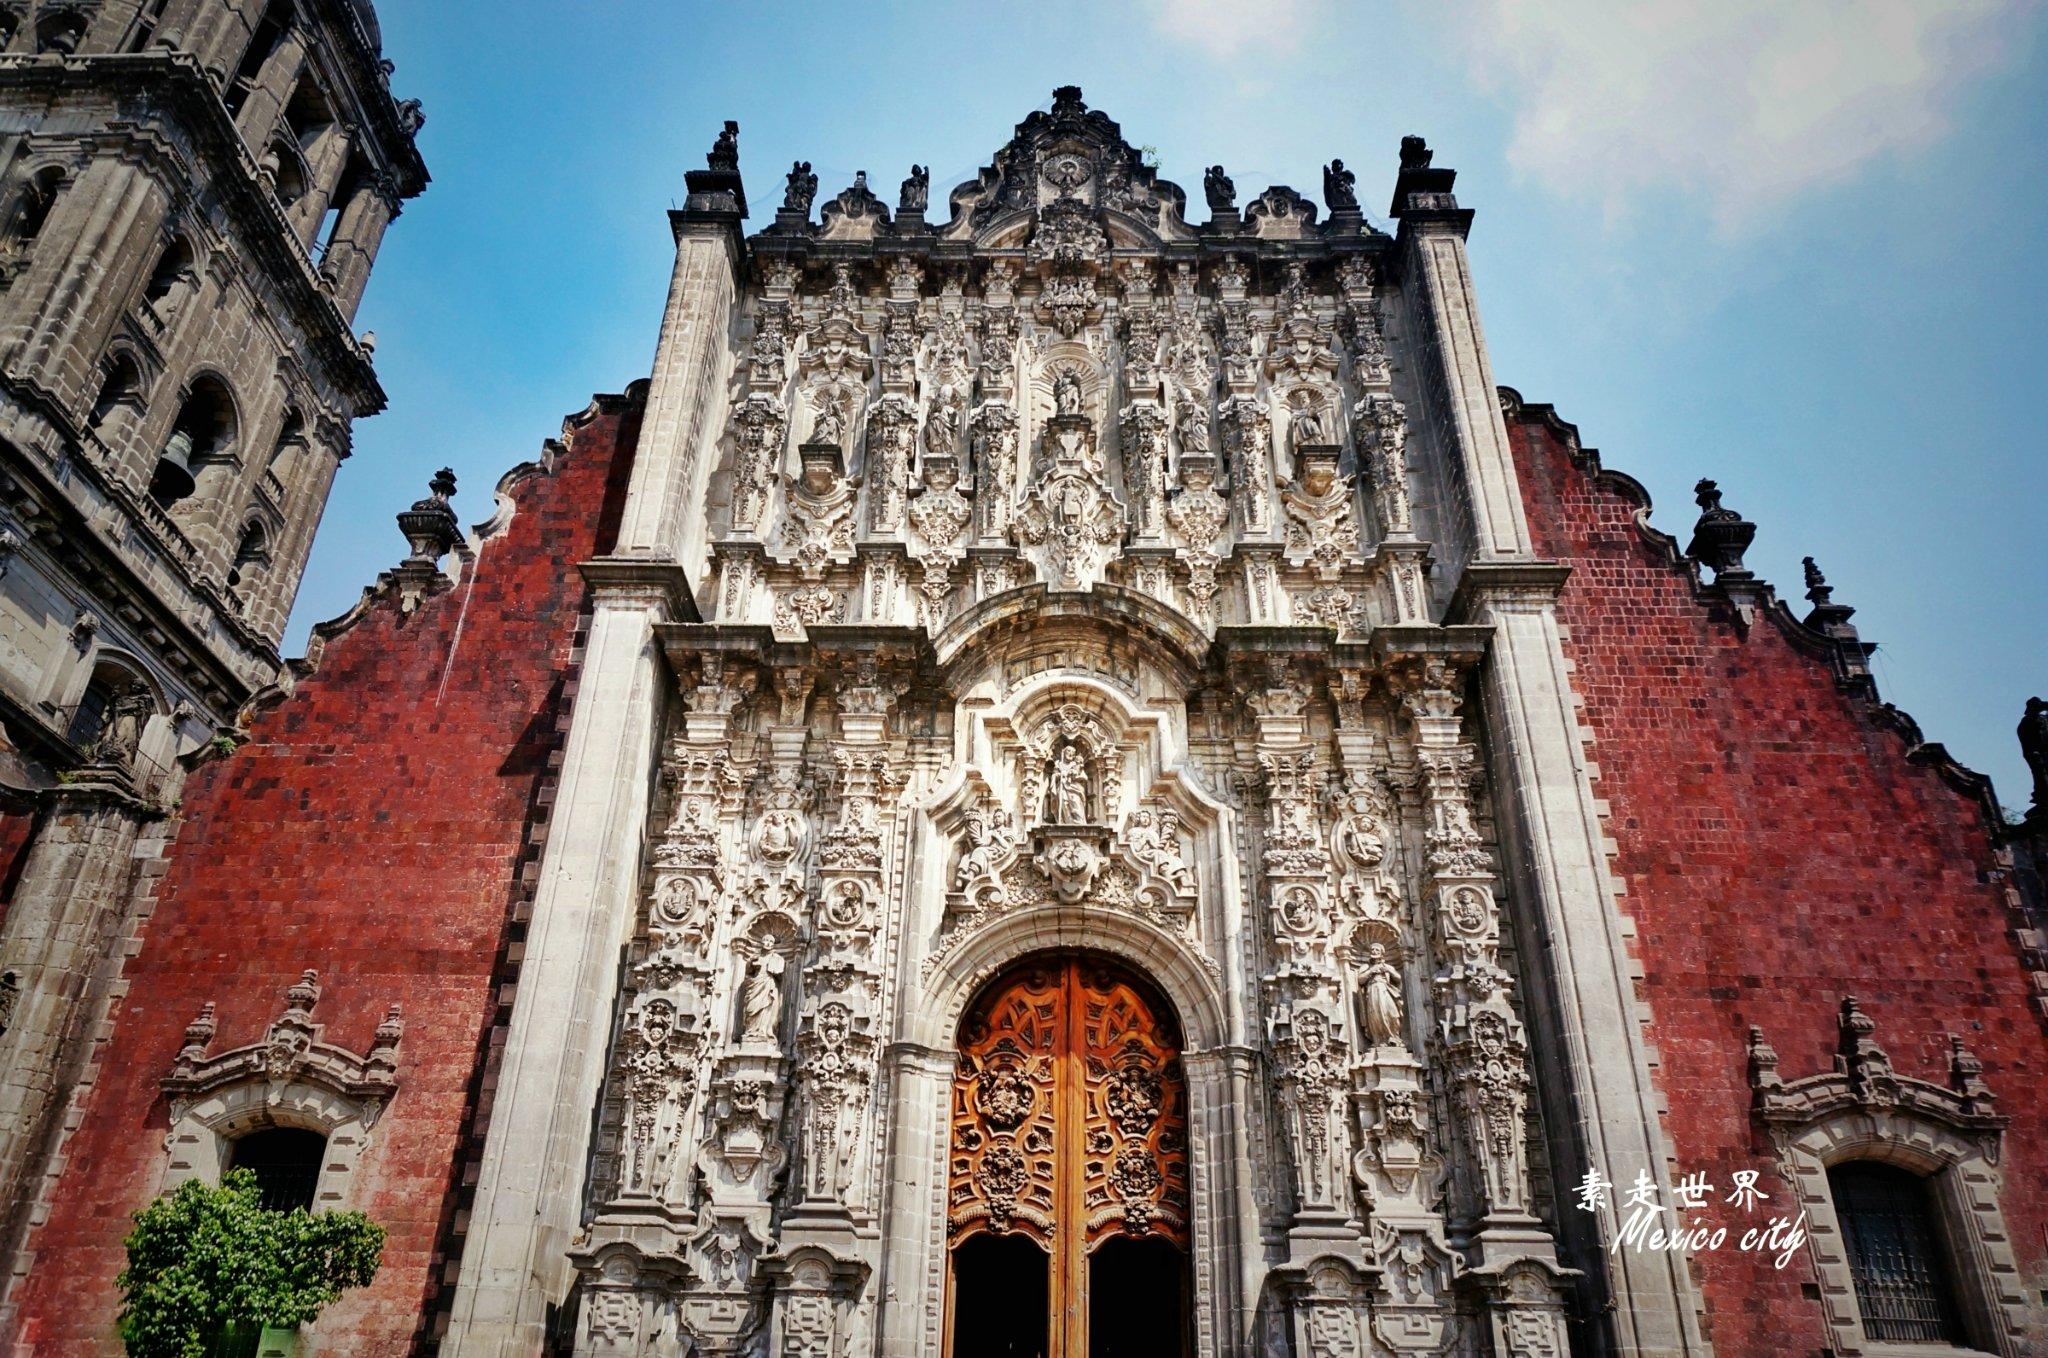 国庆墨西哥城深度游 印第安文明探秘之旅